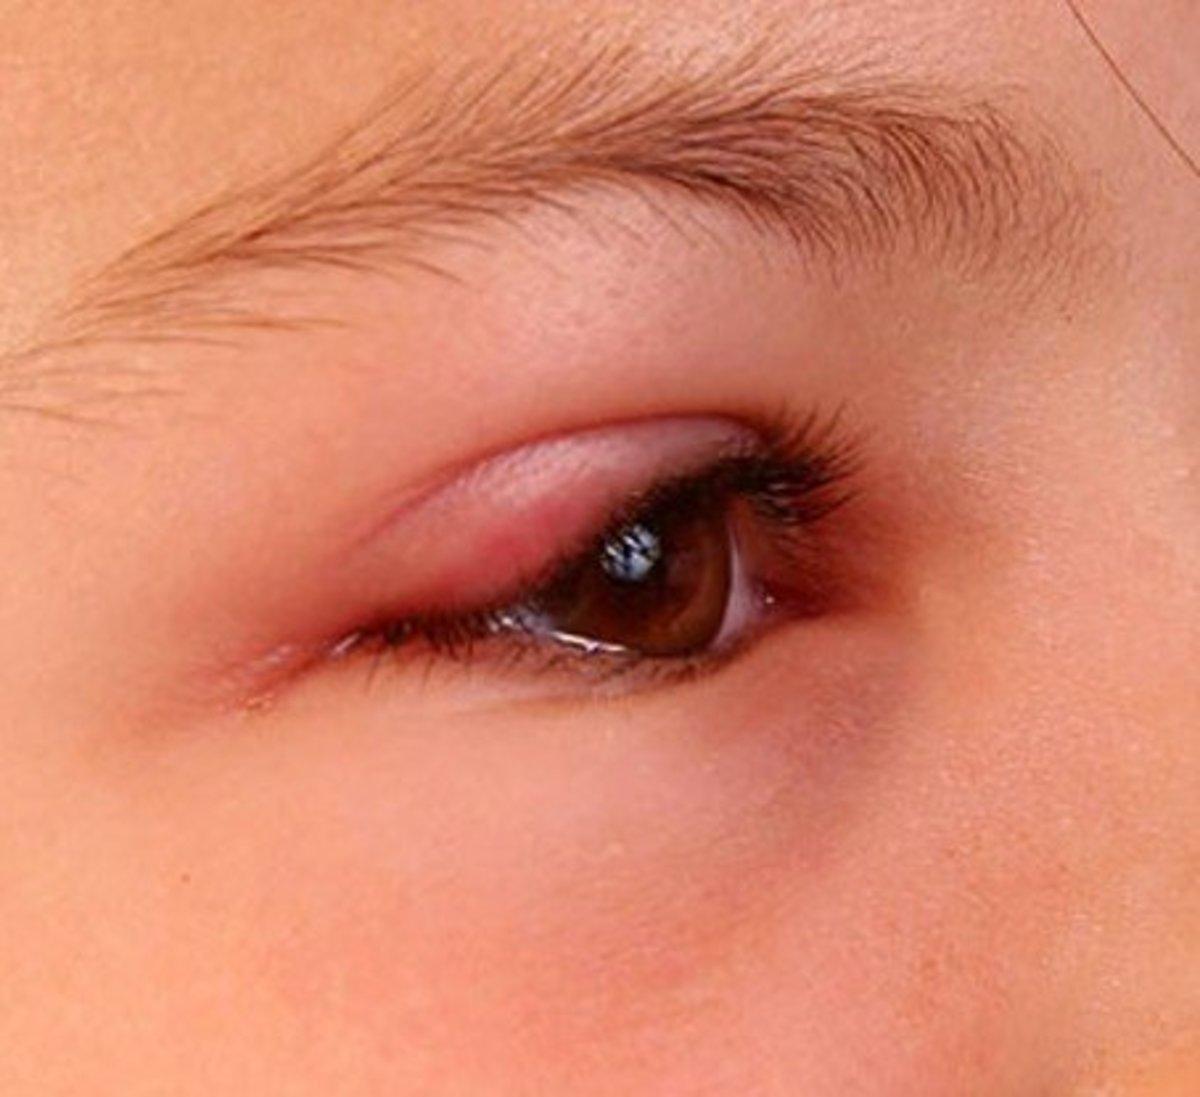 swollen-eyelid